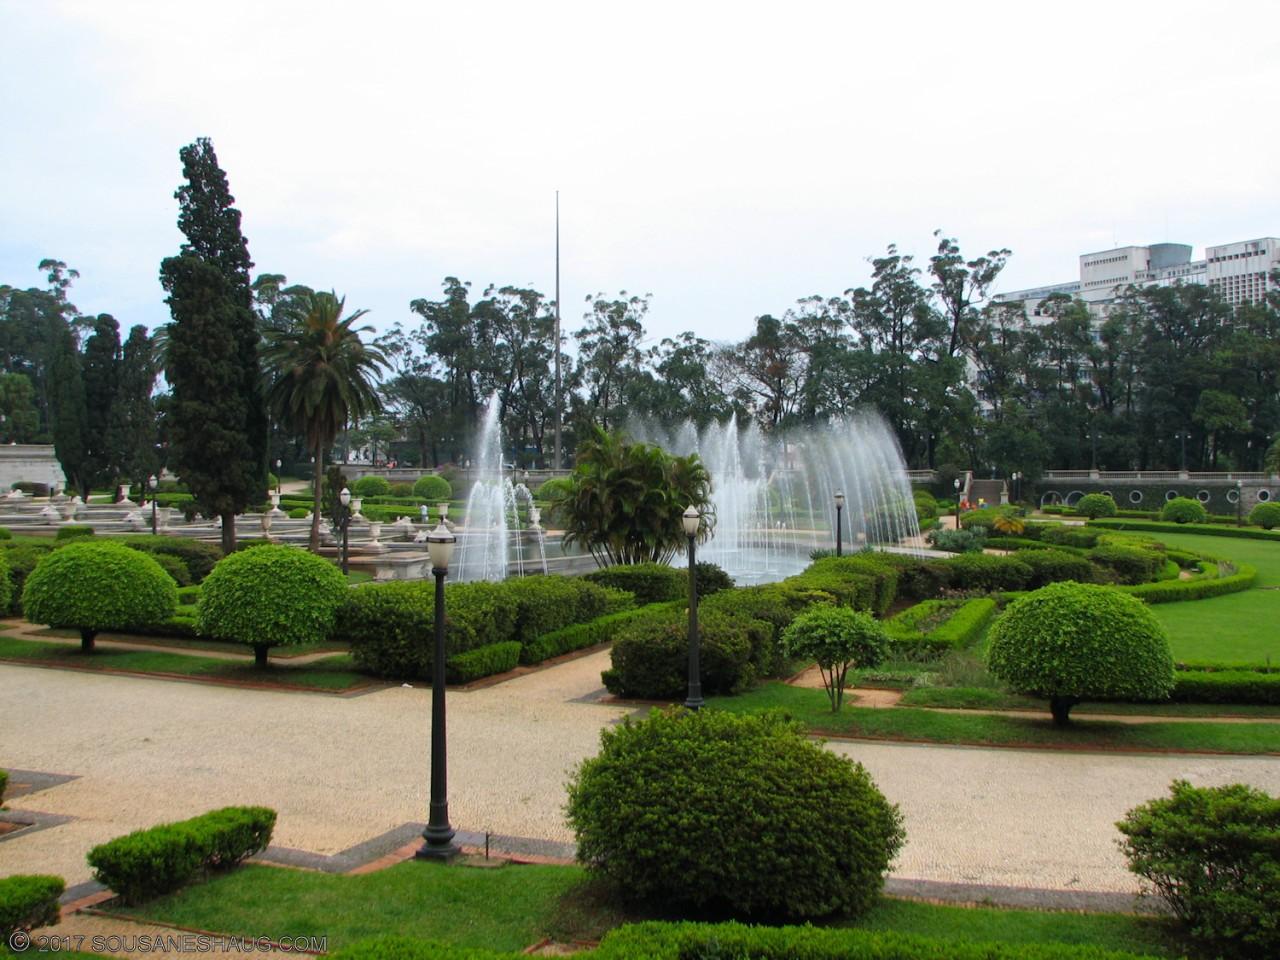 Ipiranga-museu-sao-paulo-brazil-07